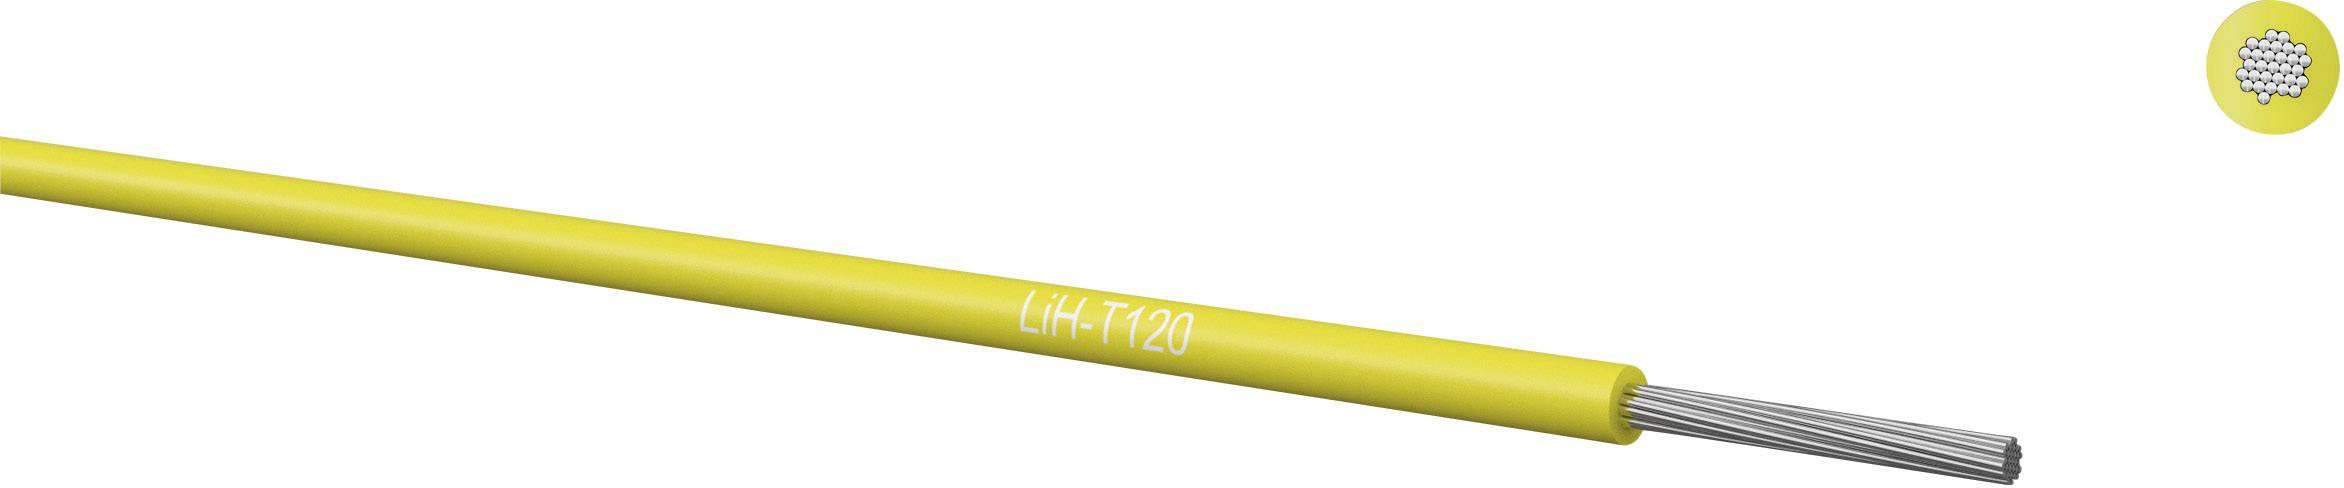 Opletenie / lanko Kabeltronik 065001403 LiH-T, 1 x 0.14 mm², vonkajší Ø 0.85 mm, 100 m, zelená